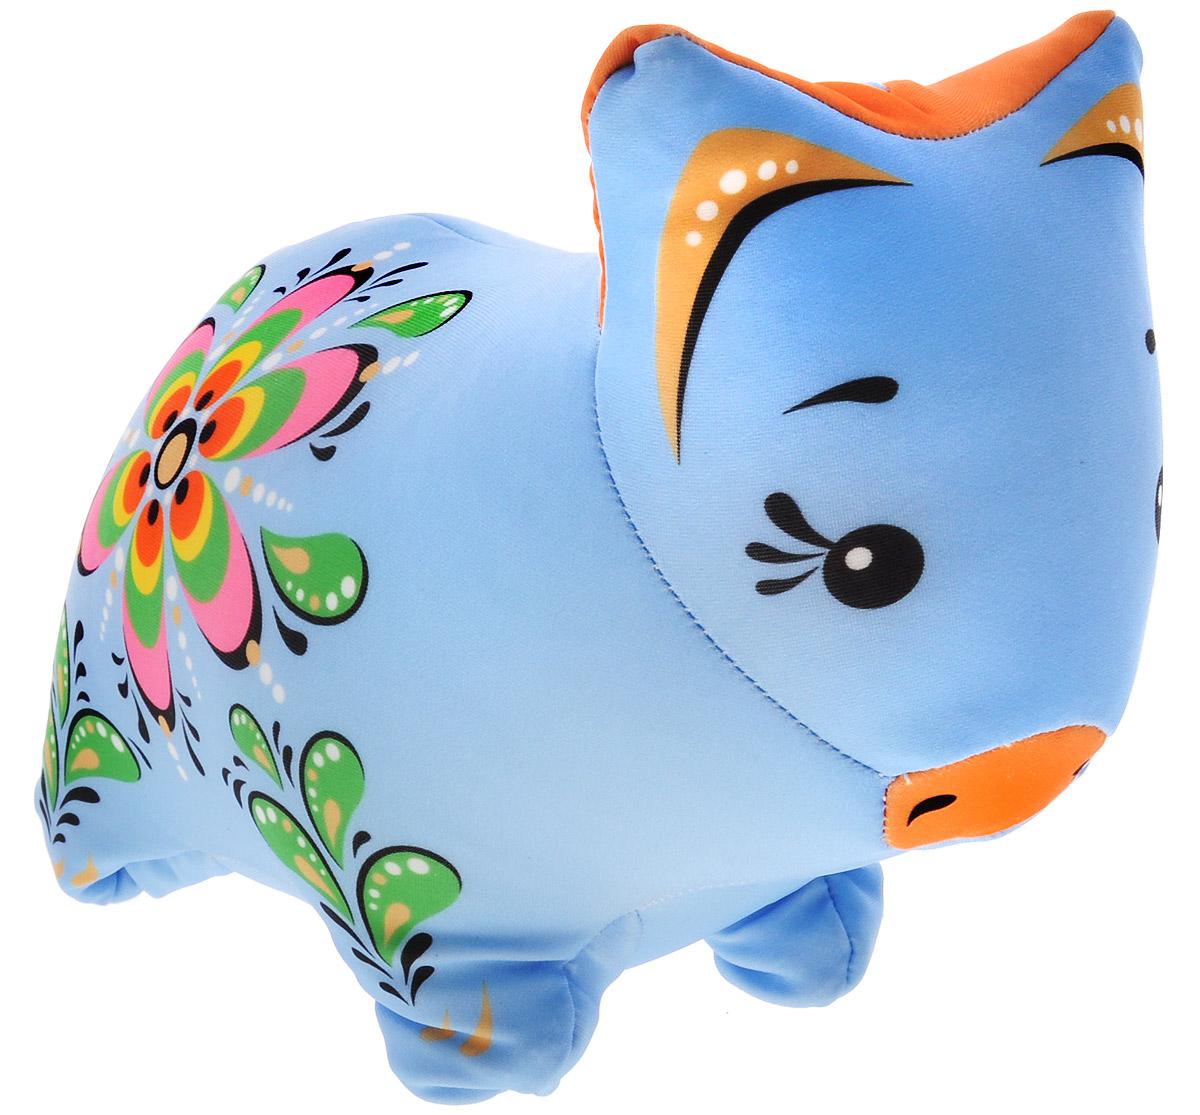 Maxi Toys Мягкая игрушка Свинка Городецкий стиль 20 см цвет голубой